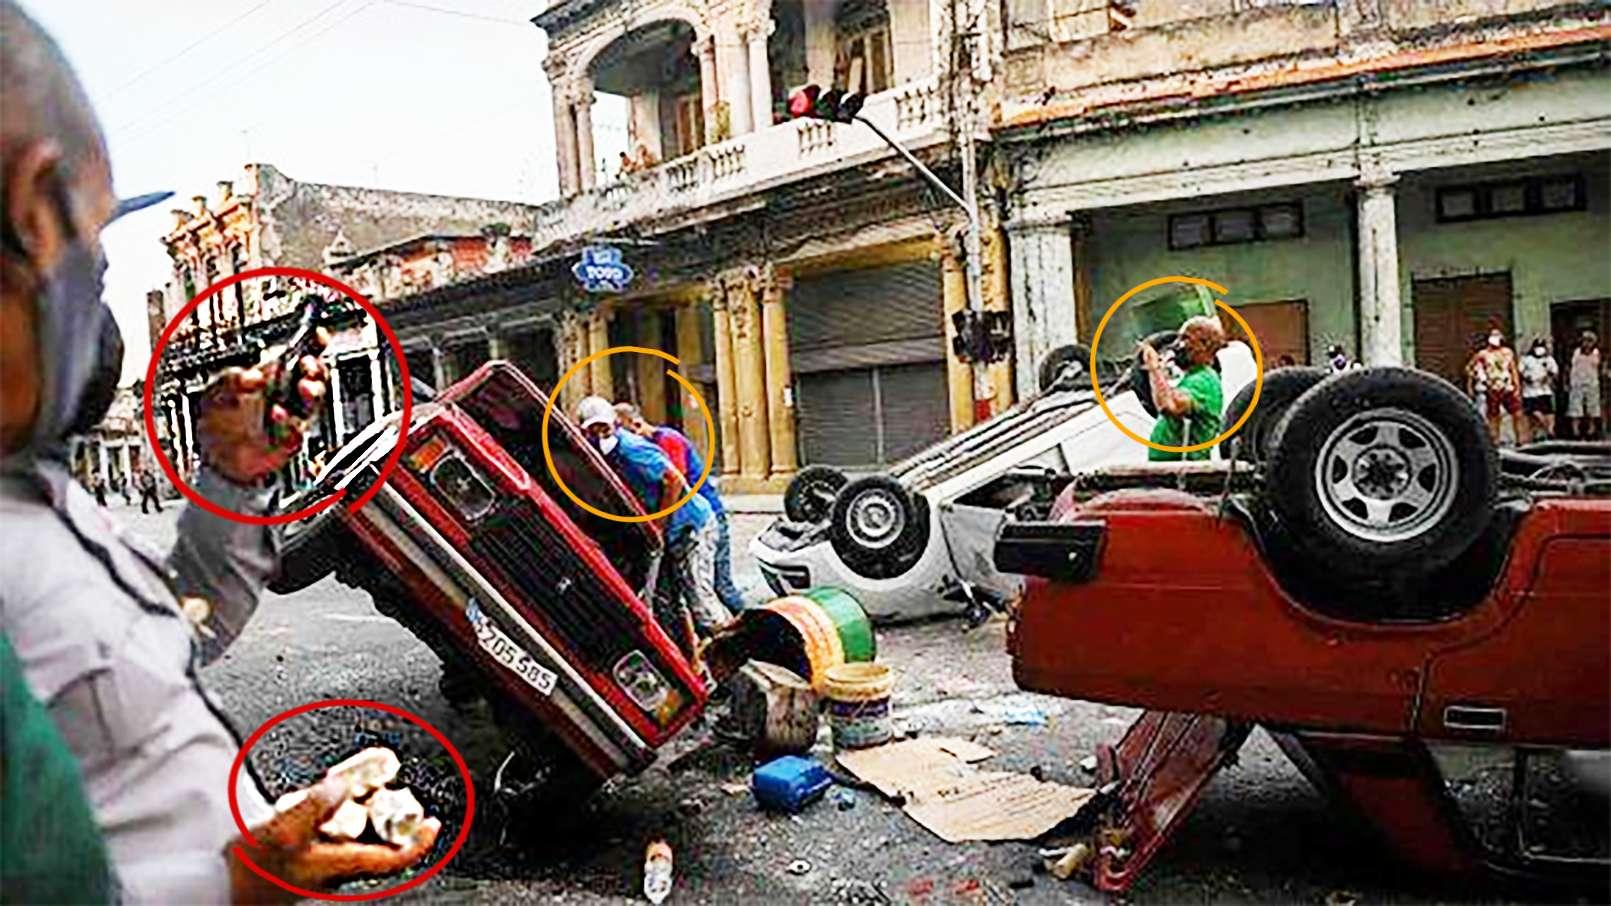 Cuba ΚΟΥΒΑ Οι αρχές θα επιβάλουν το νόμο φτάνοντας στους υποκινητές και τους διοργανωτές